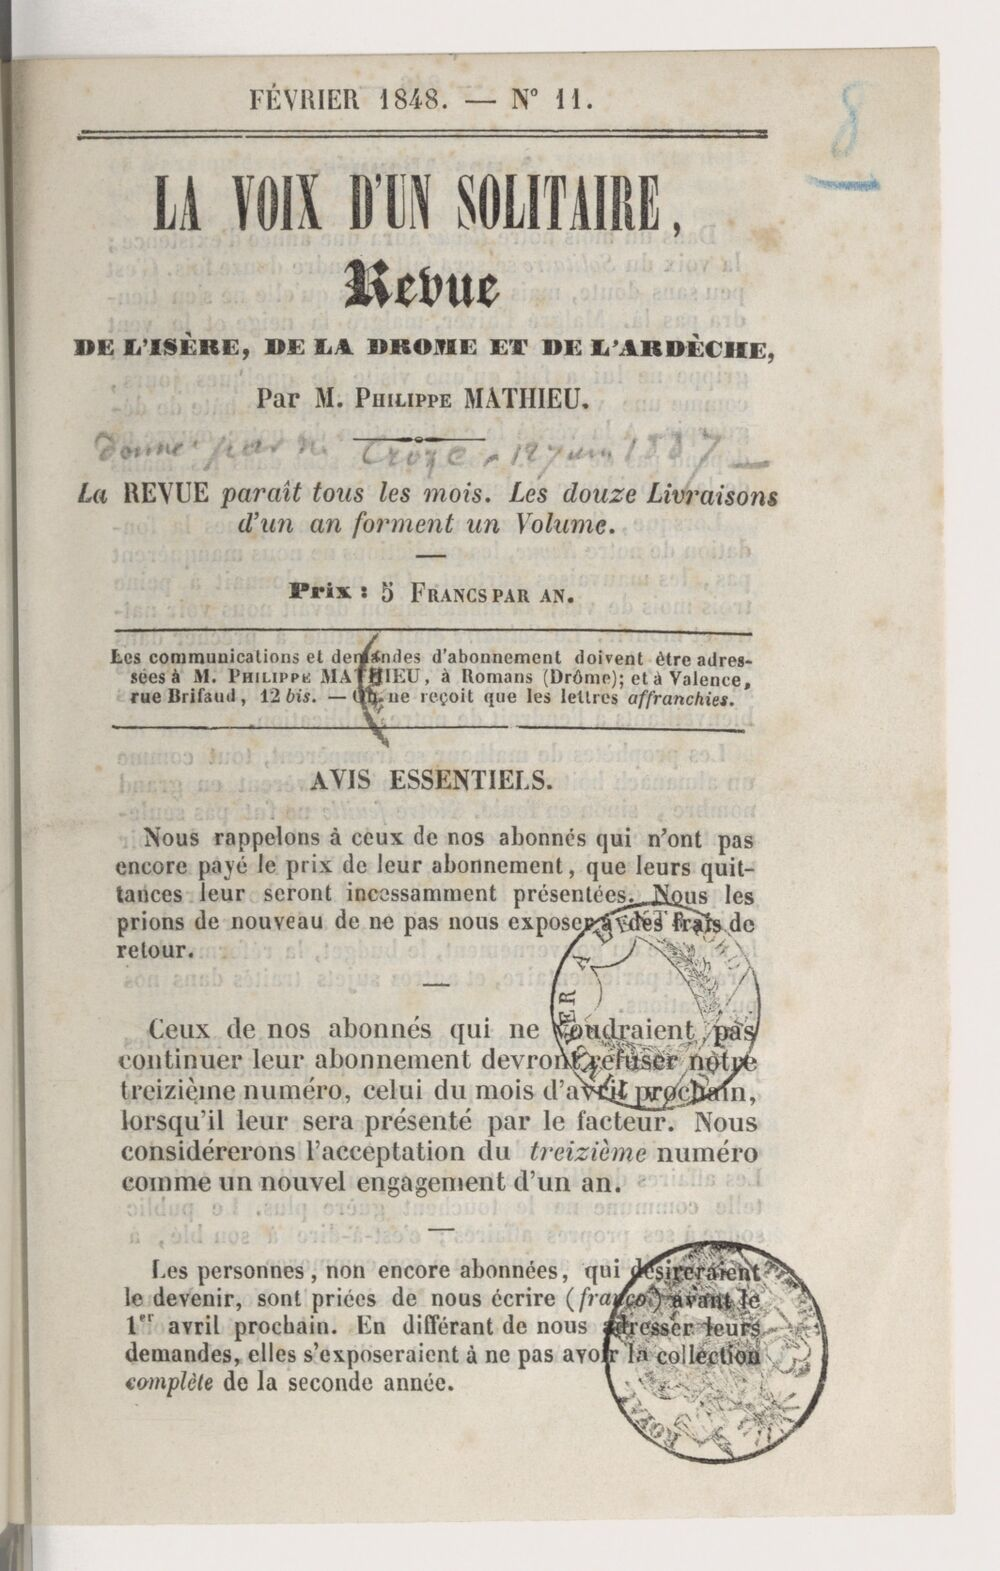 La Voix d'un solitaire : revue de l'Isère, de la Drôme et de l'Ardèche / par M. Philippe Mathieu